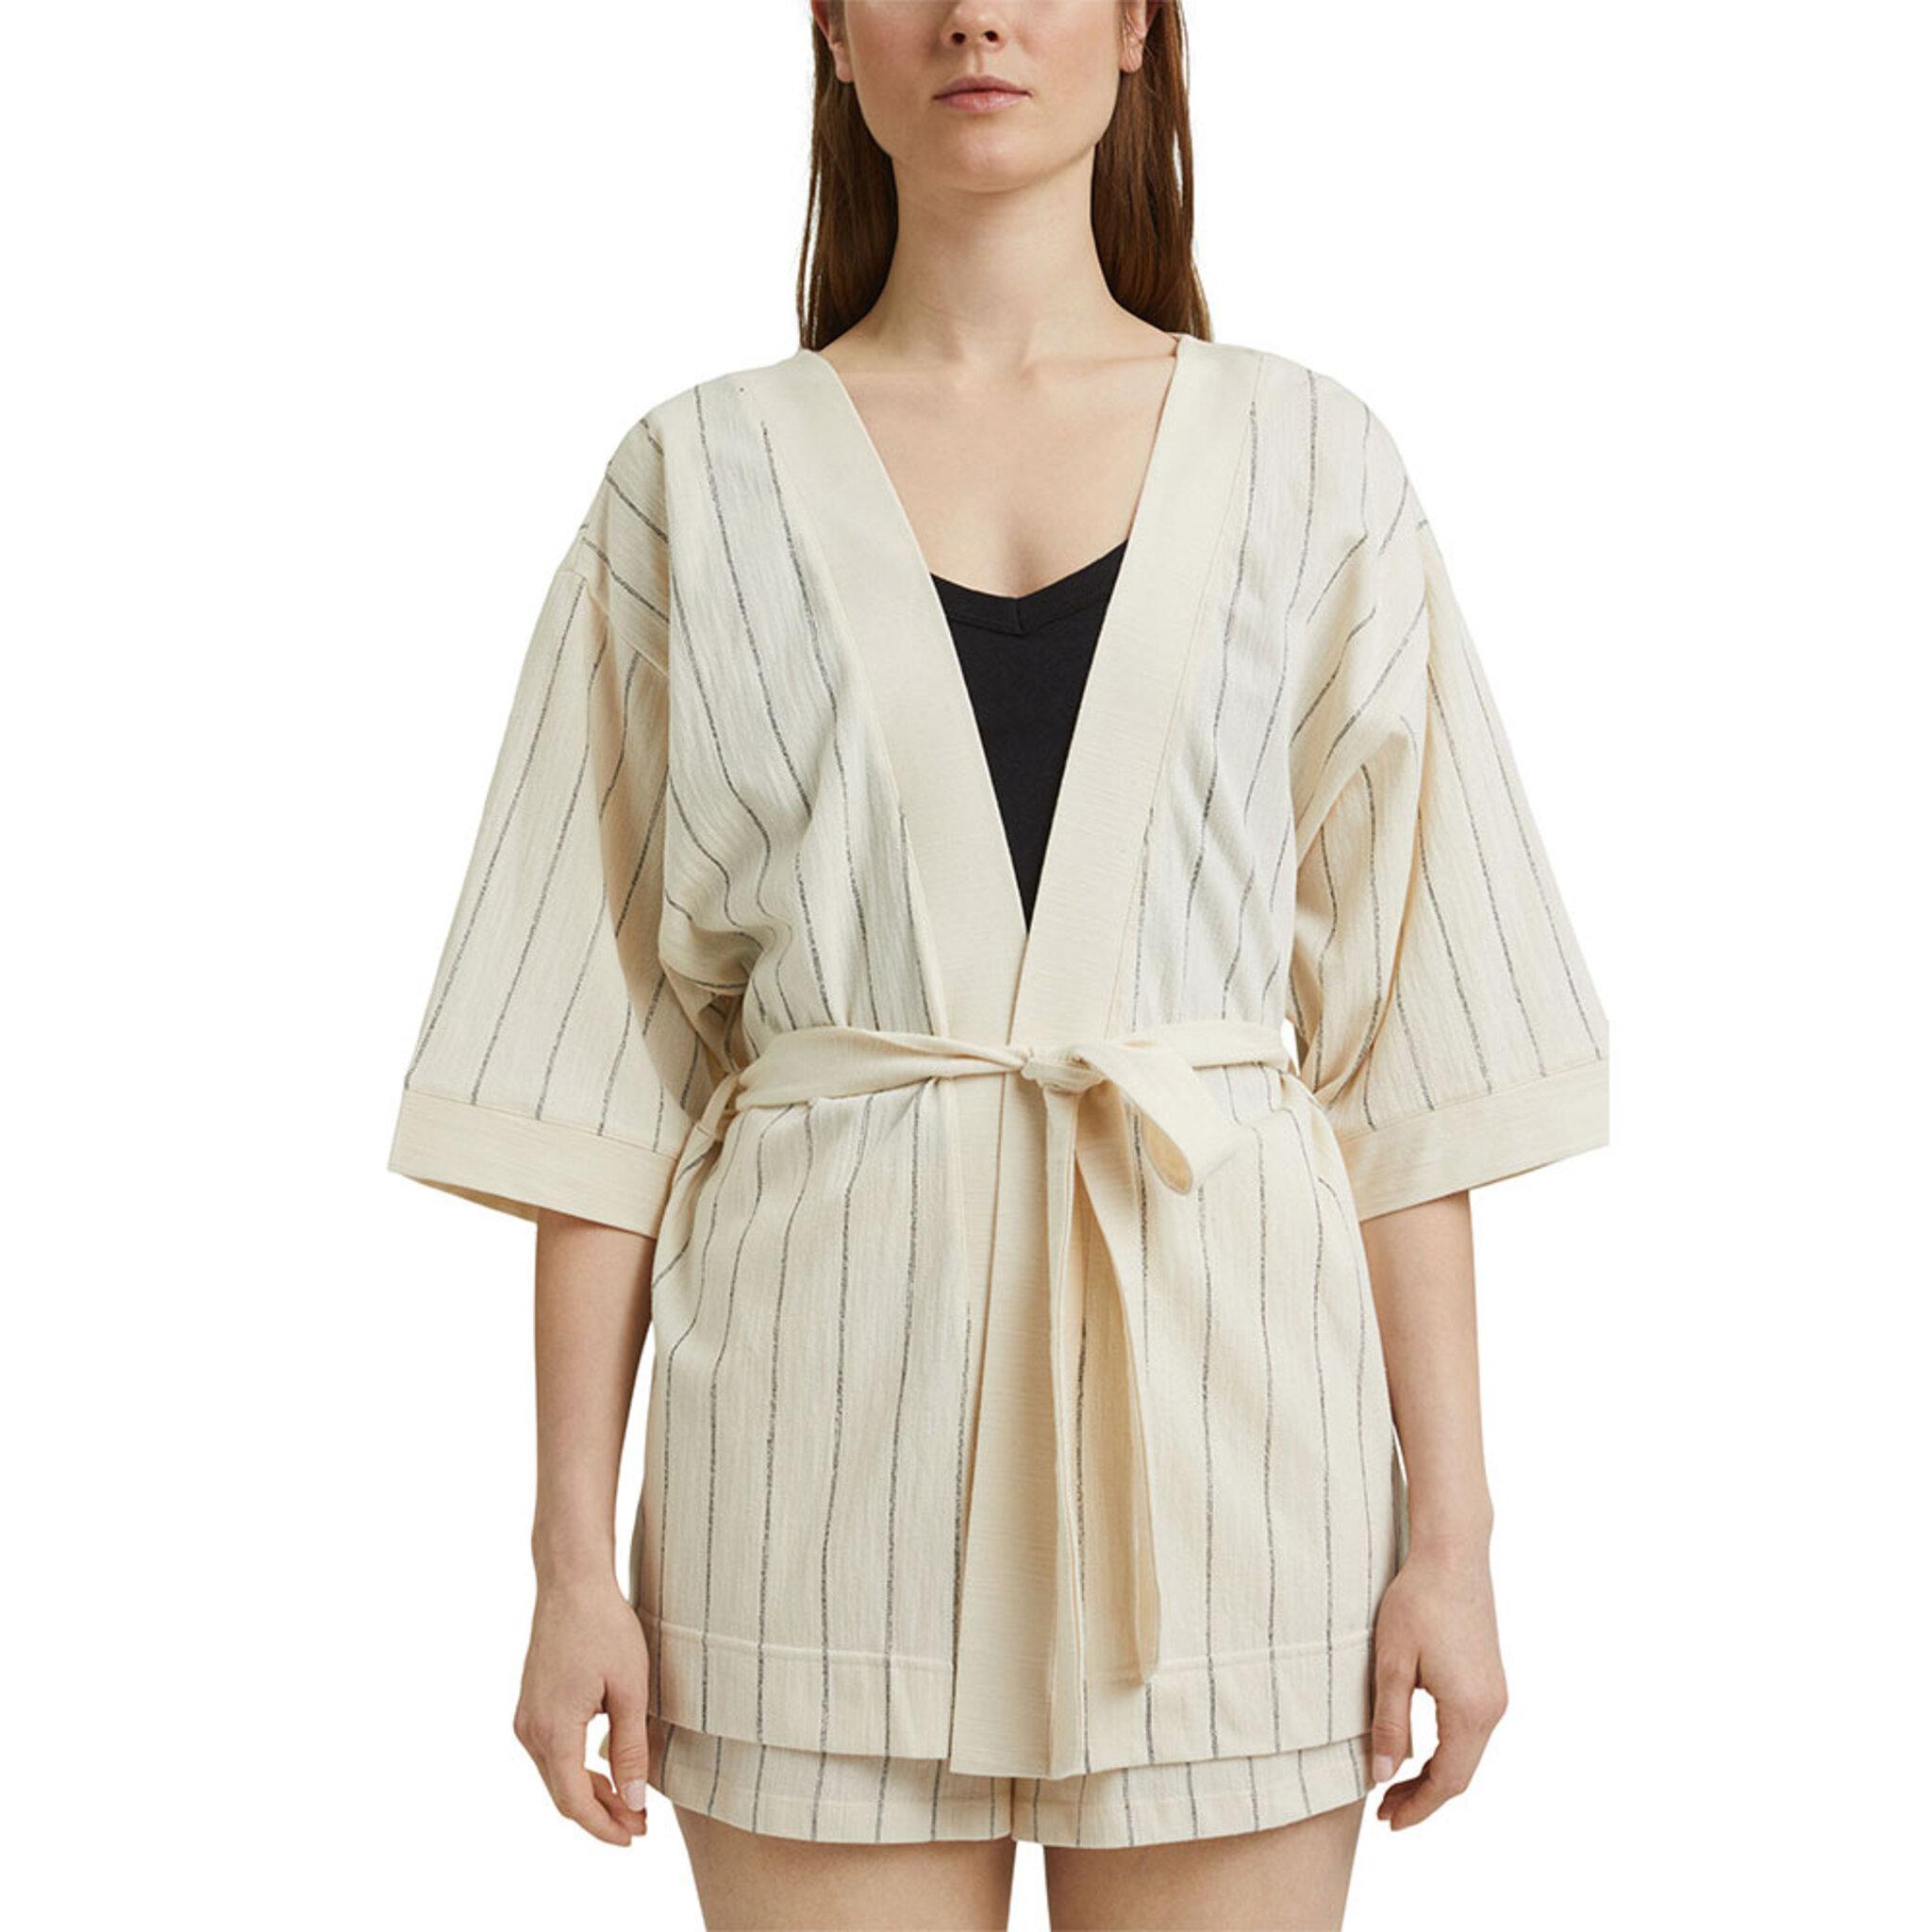 Vävd jacka i kimonostil med skärp